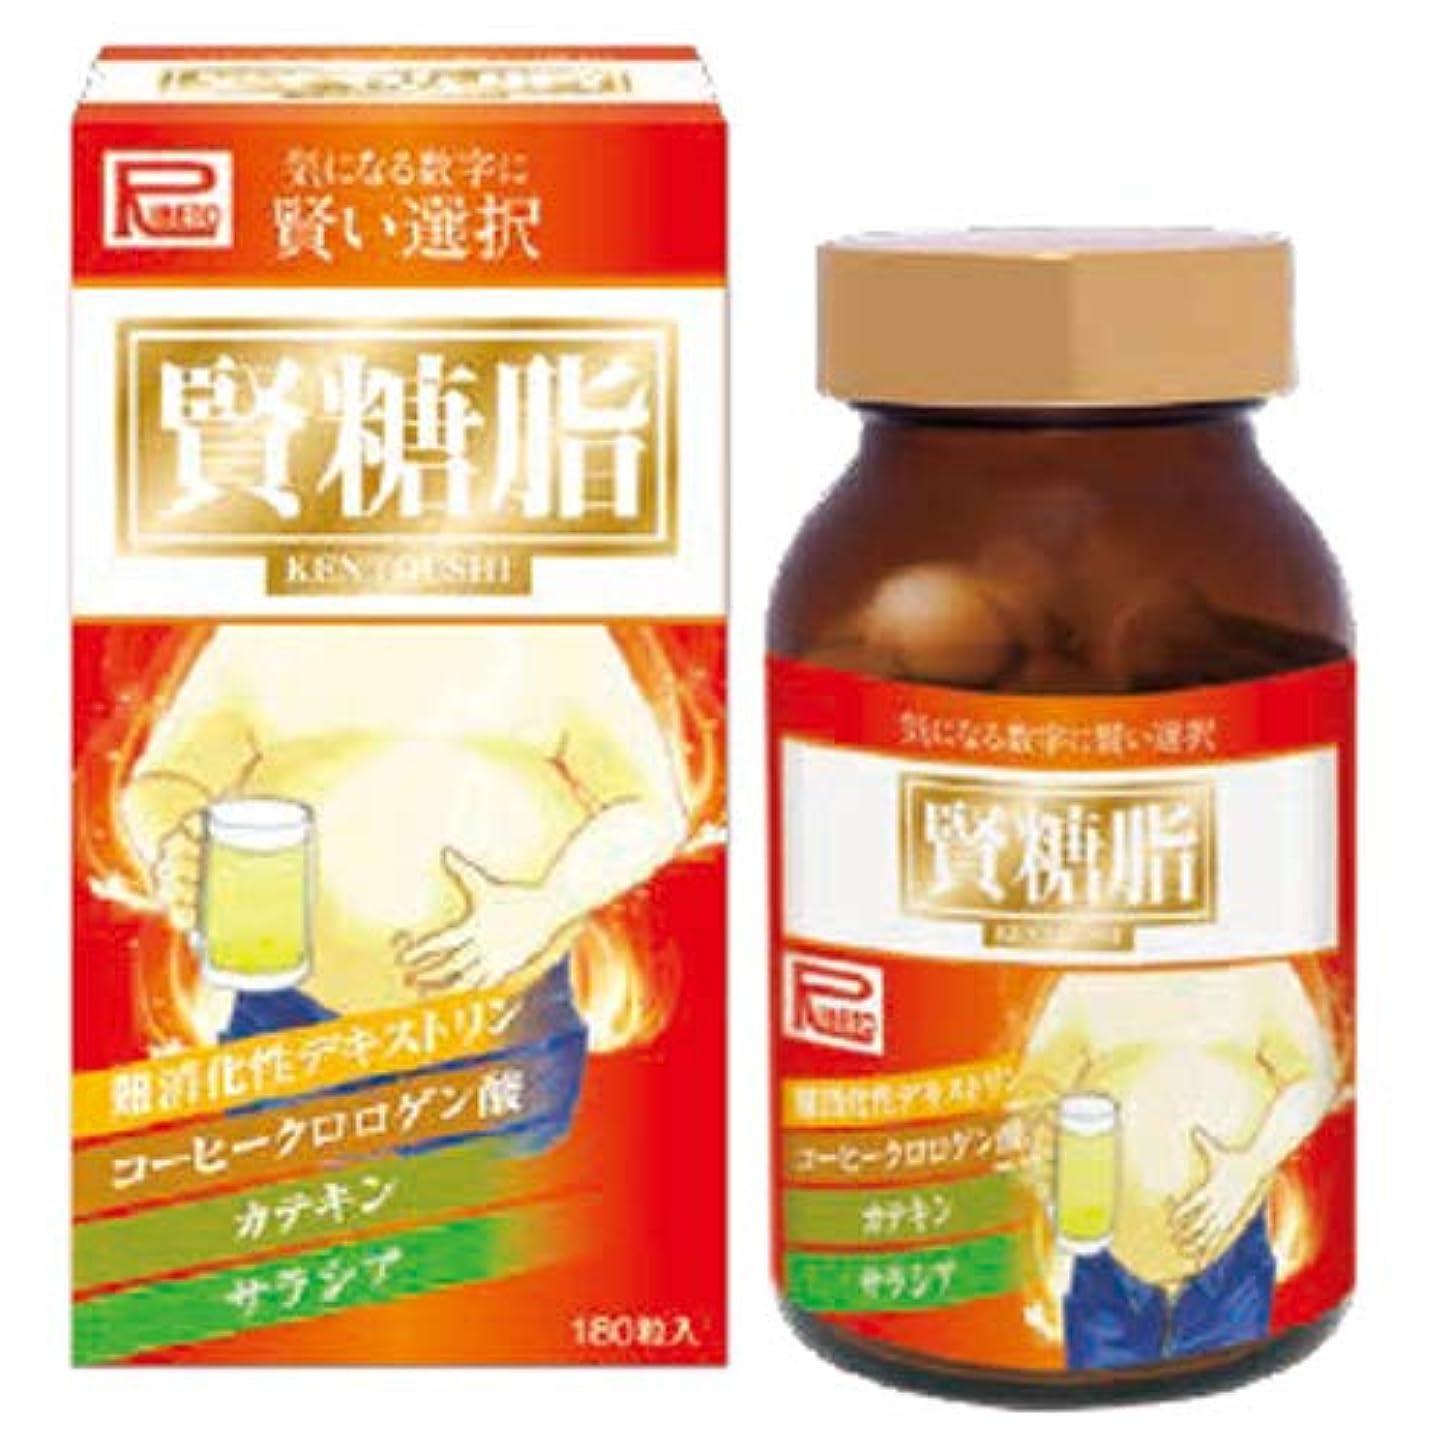 北東学期ガード賢糖脂(ケントウシ)